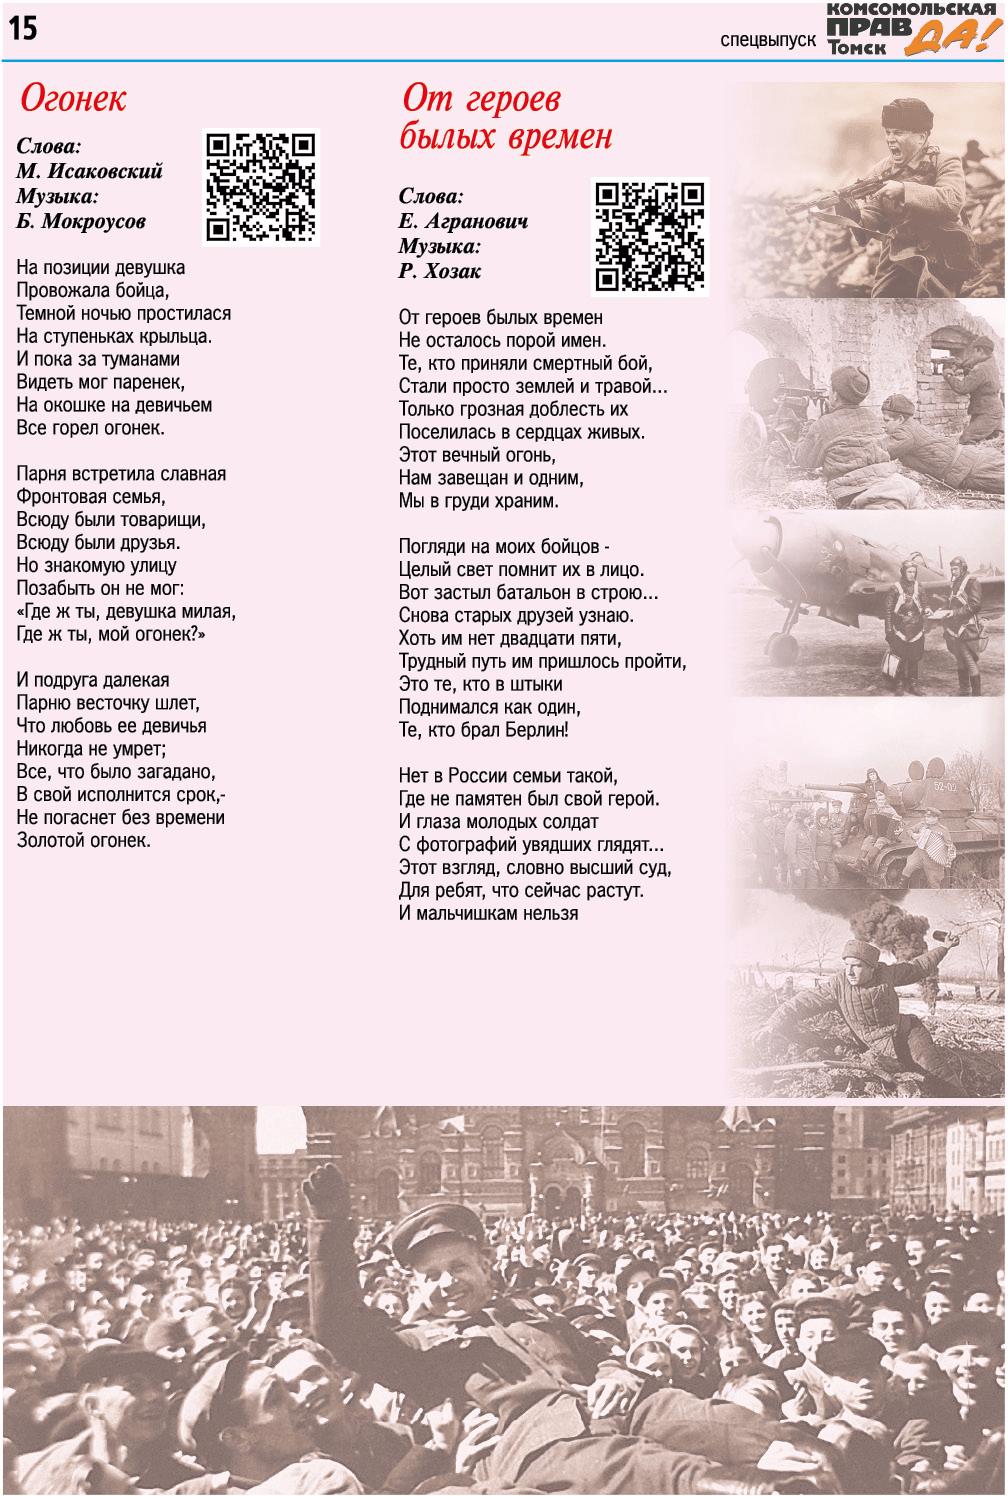 Песни Победы - поём вместе: Огонек. От Героев былых времен.